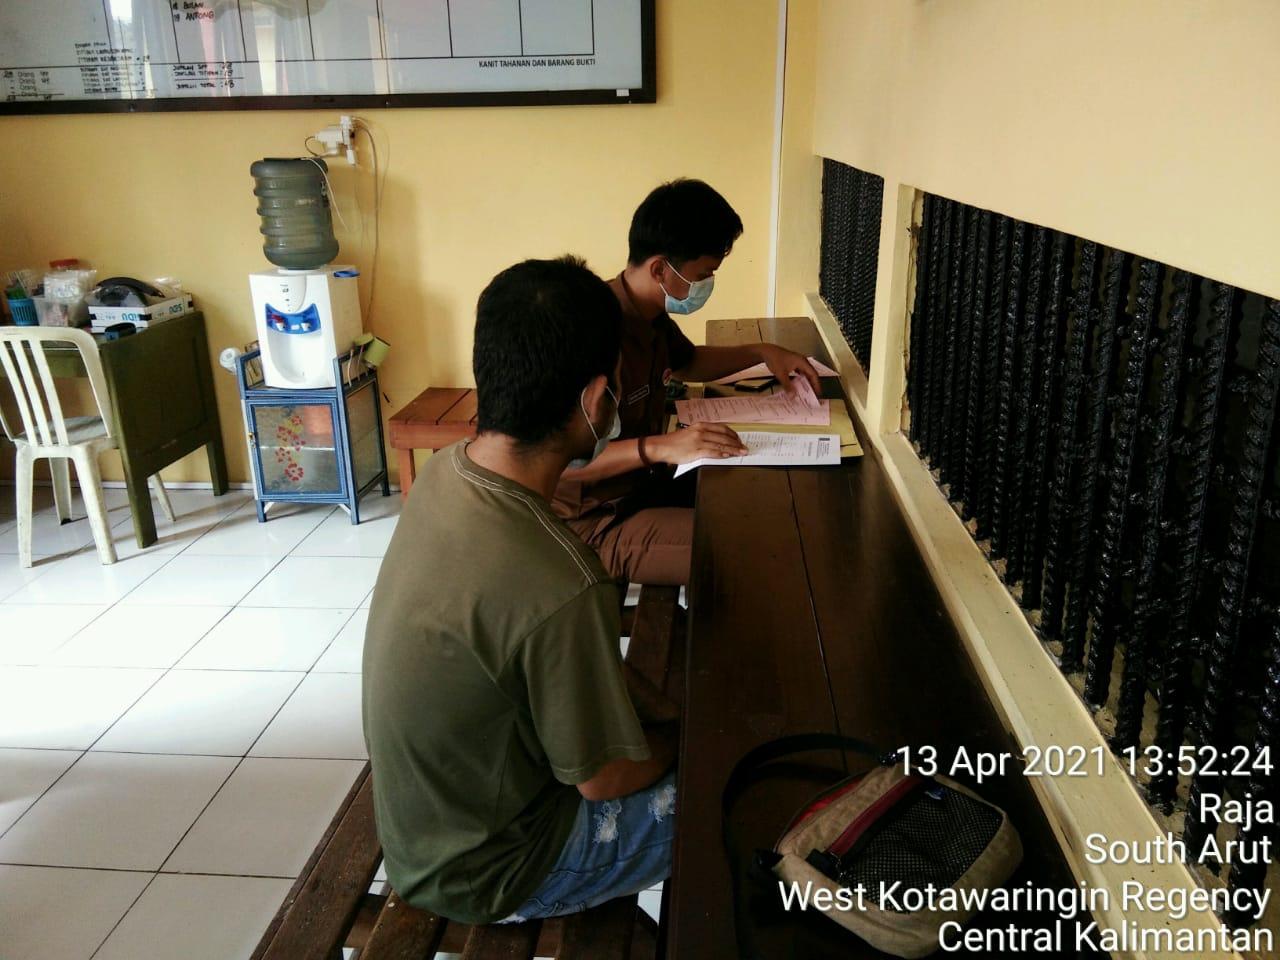 Penyerahan tersangka dan barang Bukti tahanan Polres Kotawaring Barat